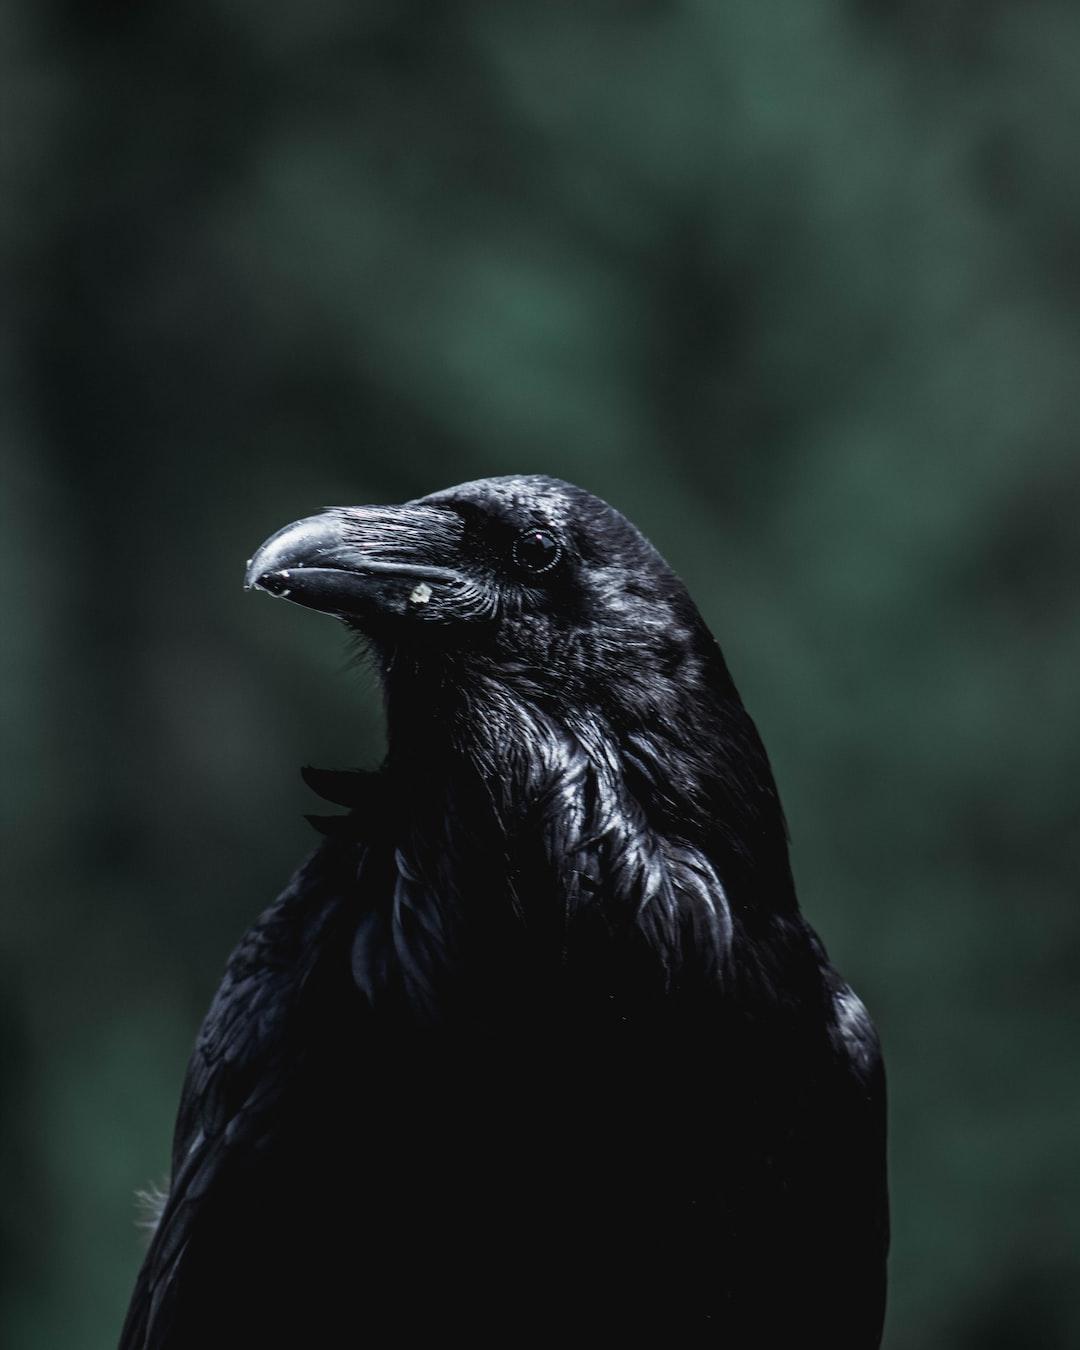 Edgar Allen Poe would like a word.